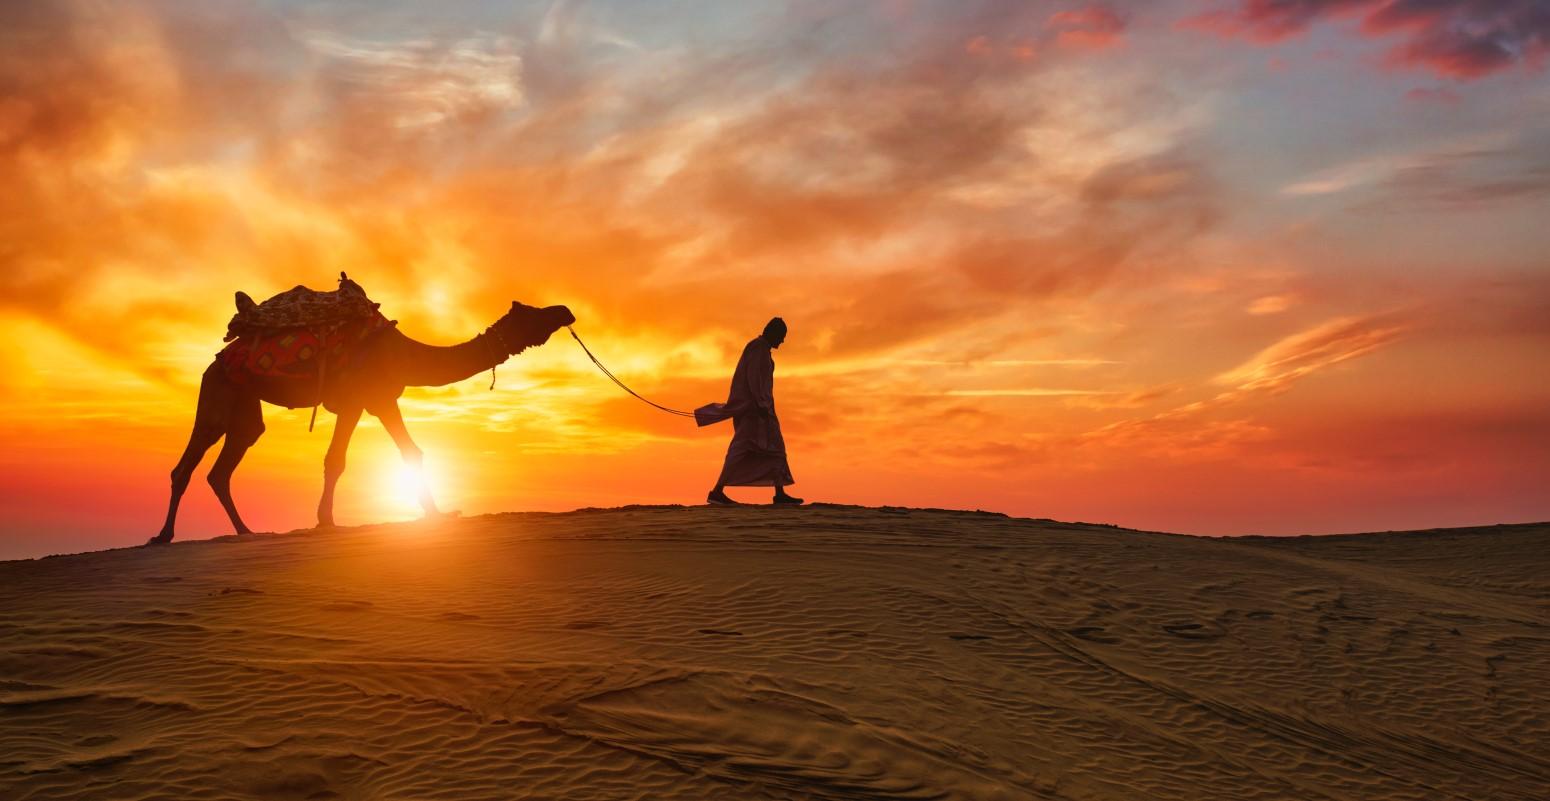 ofertas viajes monoparentales marruecos reyes magos